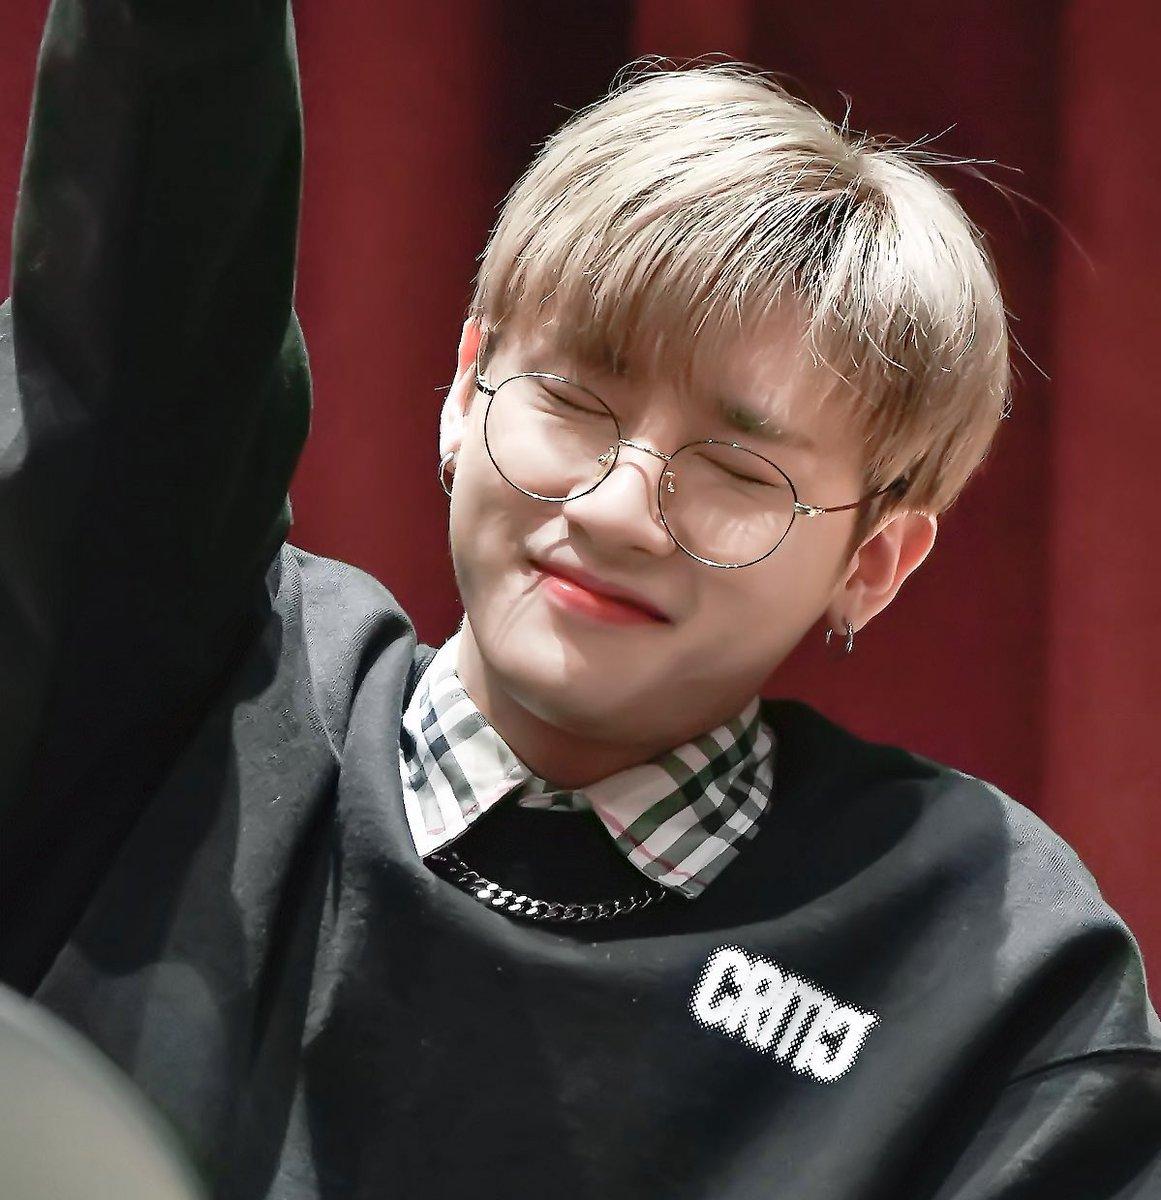 @Nikkzi HAPPY BIRTHDAY ชางกยุนนี่~~~ 💜💜  น้องมักเน่ที่เป็นที่รักของพี่ๆทุกคน   กินของอร่อยๆเยอะๆ ~ 사랑해 💜💜💜 ♡︎♡︎♡︎♡︎♥︎♥︎♥︎ #HBDtoIM #올겨울_IM으로_충분해